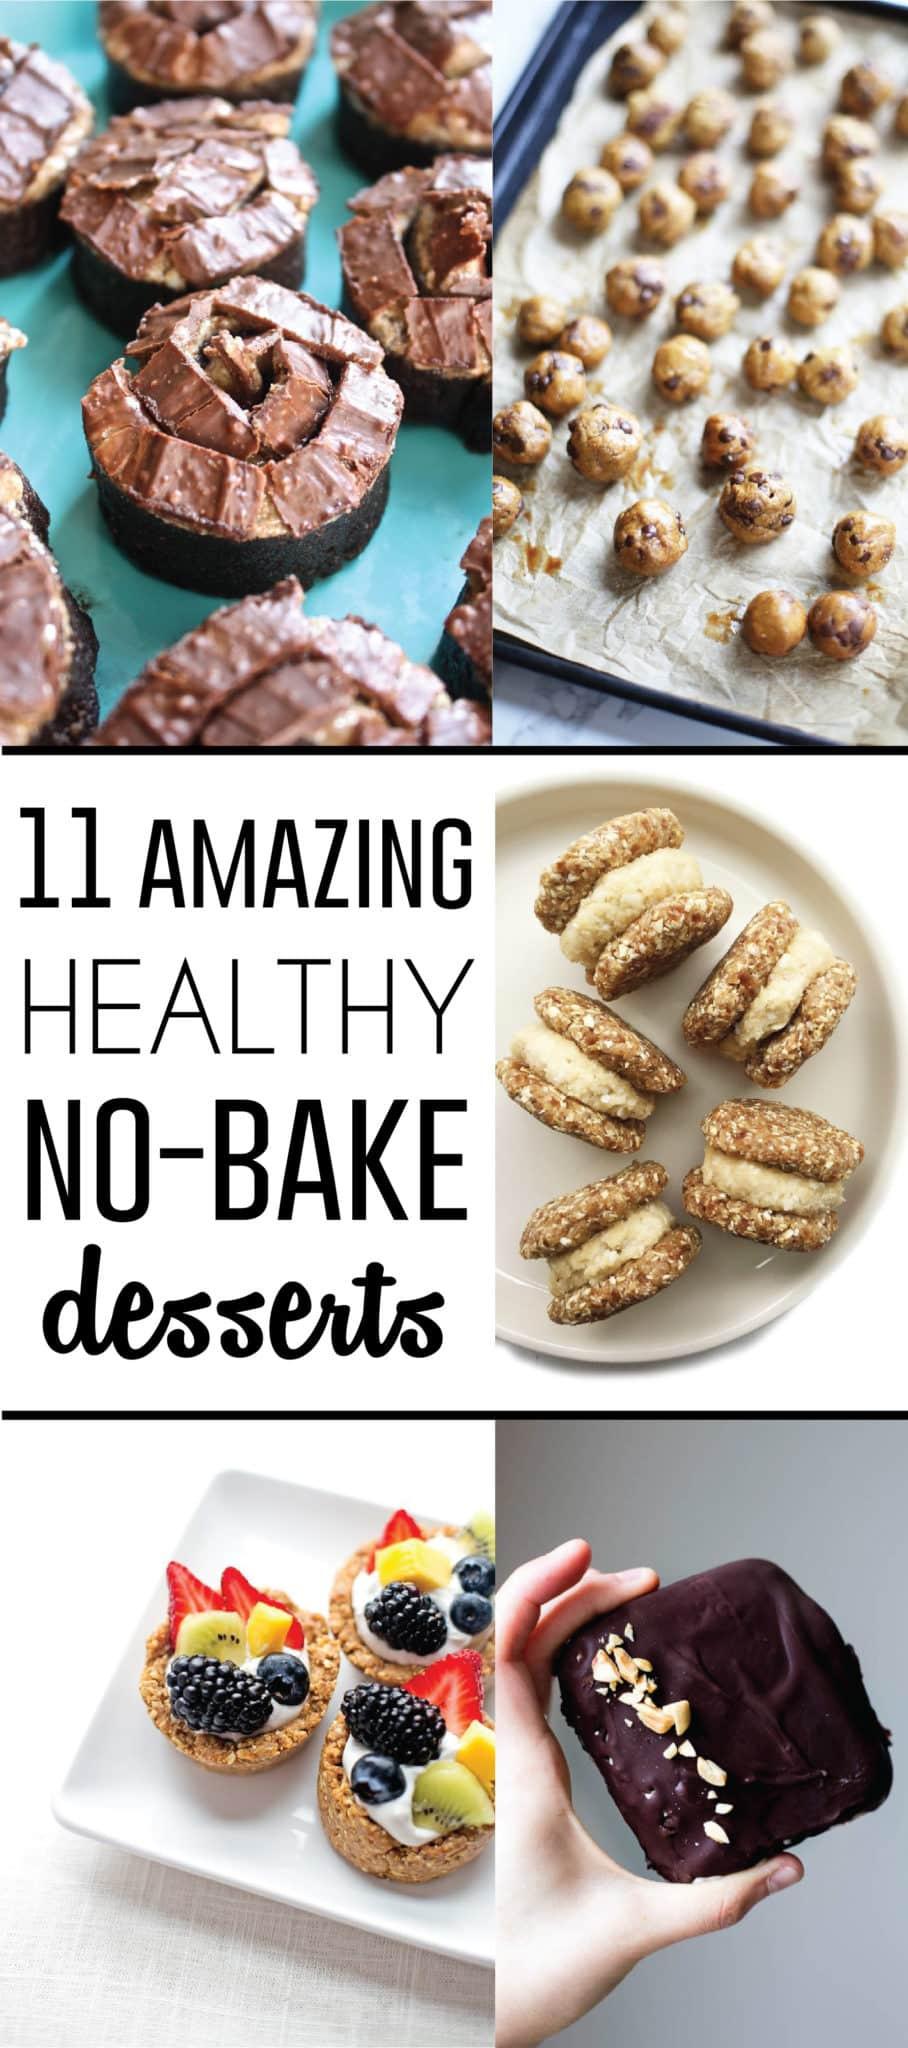 Healthy No Bake Desserts  11 Amazing Healthy No Bake Dessert Recipes • Fit Mitten